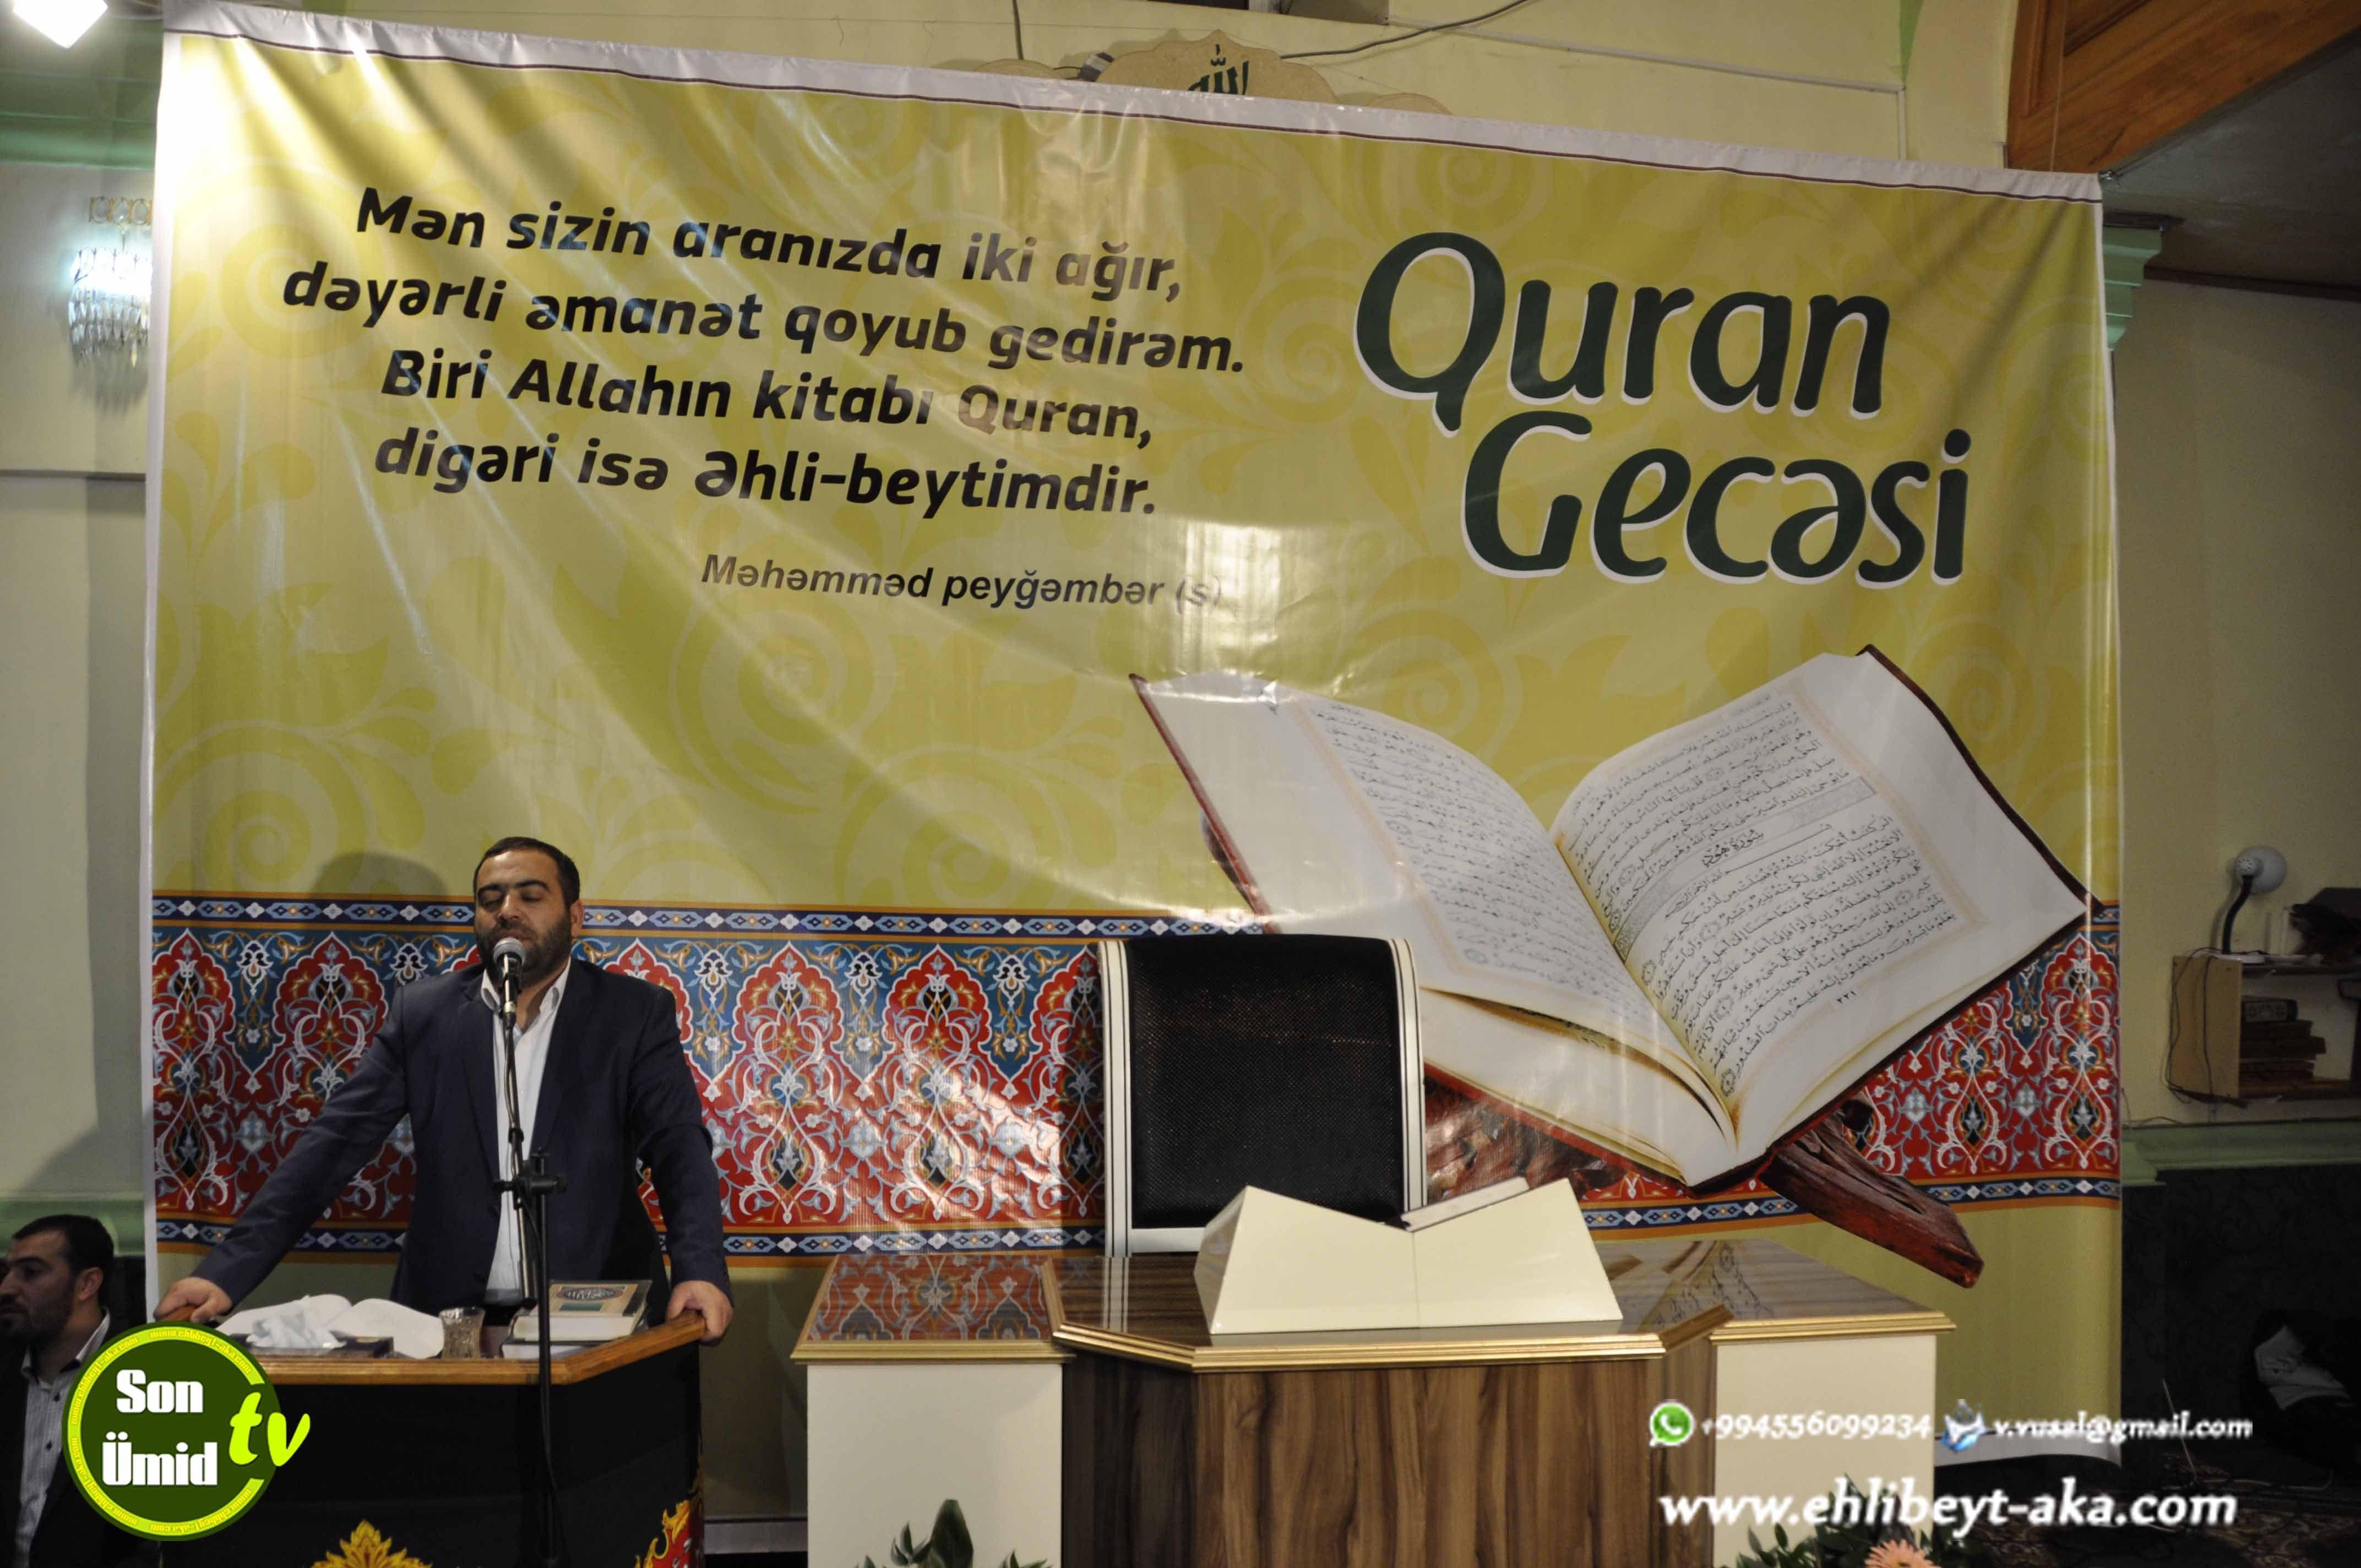 Bakida Xanim Zəhra S ə Movludu Munasibətinə Gorə Quran Gecəsi Keciriləcək Quran Tech Company Logos Company Logo